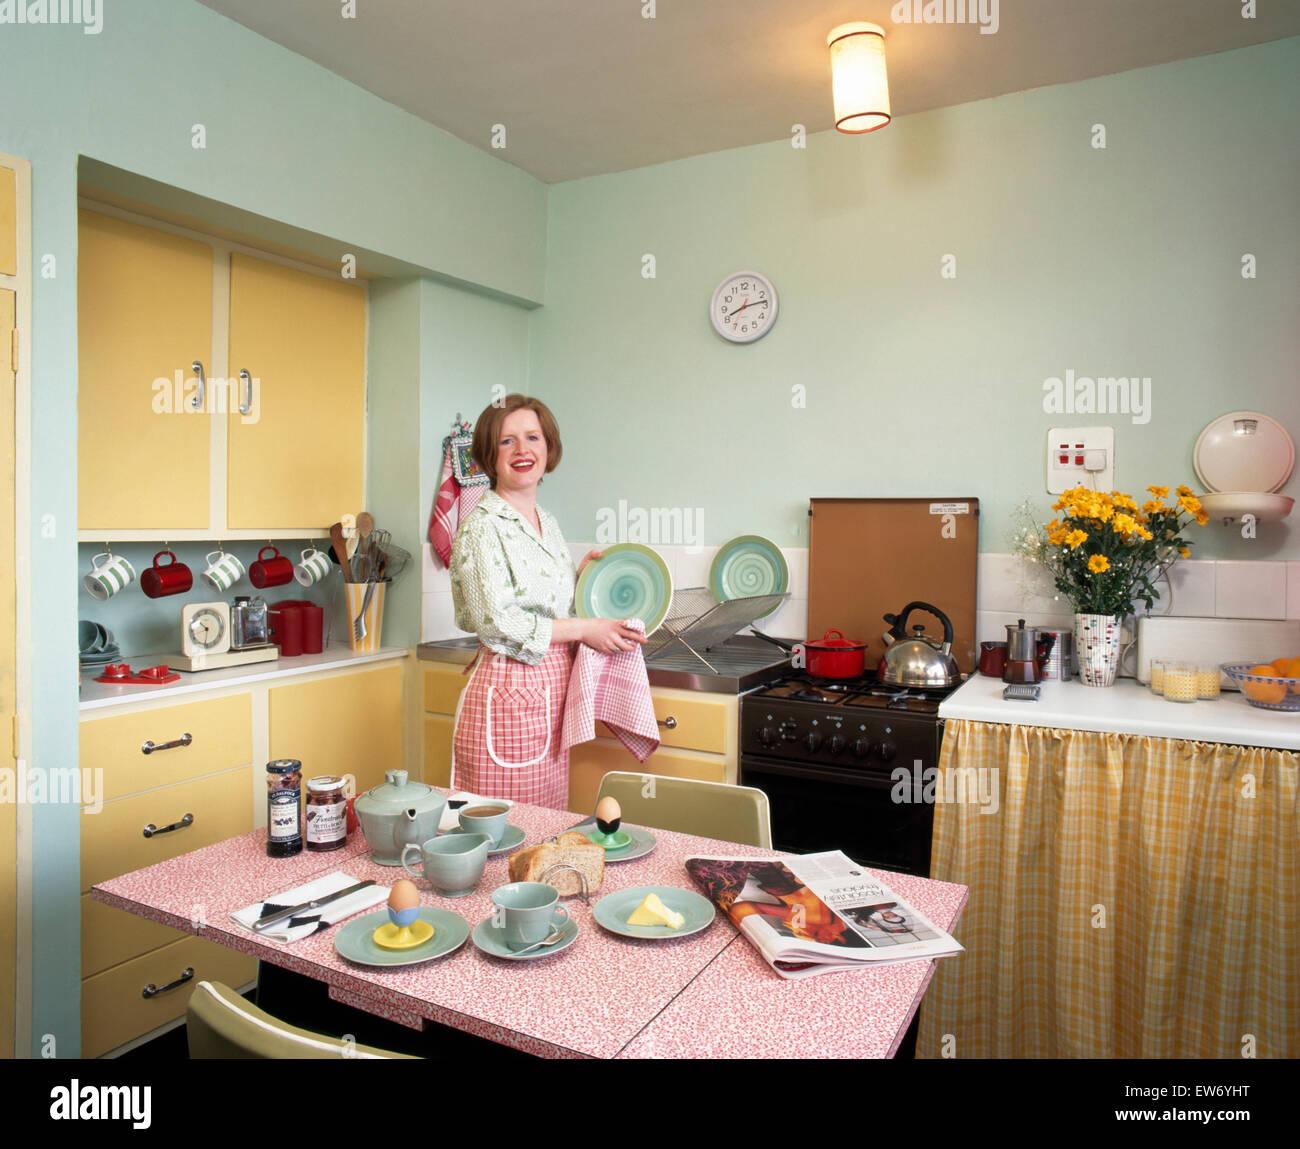 Porträt einer jungen Frau, die Trocknung Gerichte in neunziger Jahre, Wirtschaft Küche für nur zur Stockbild